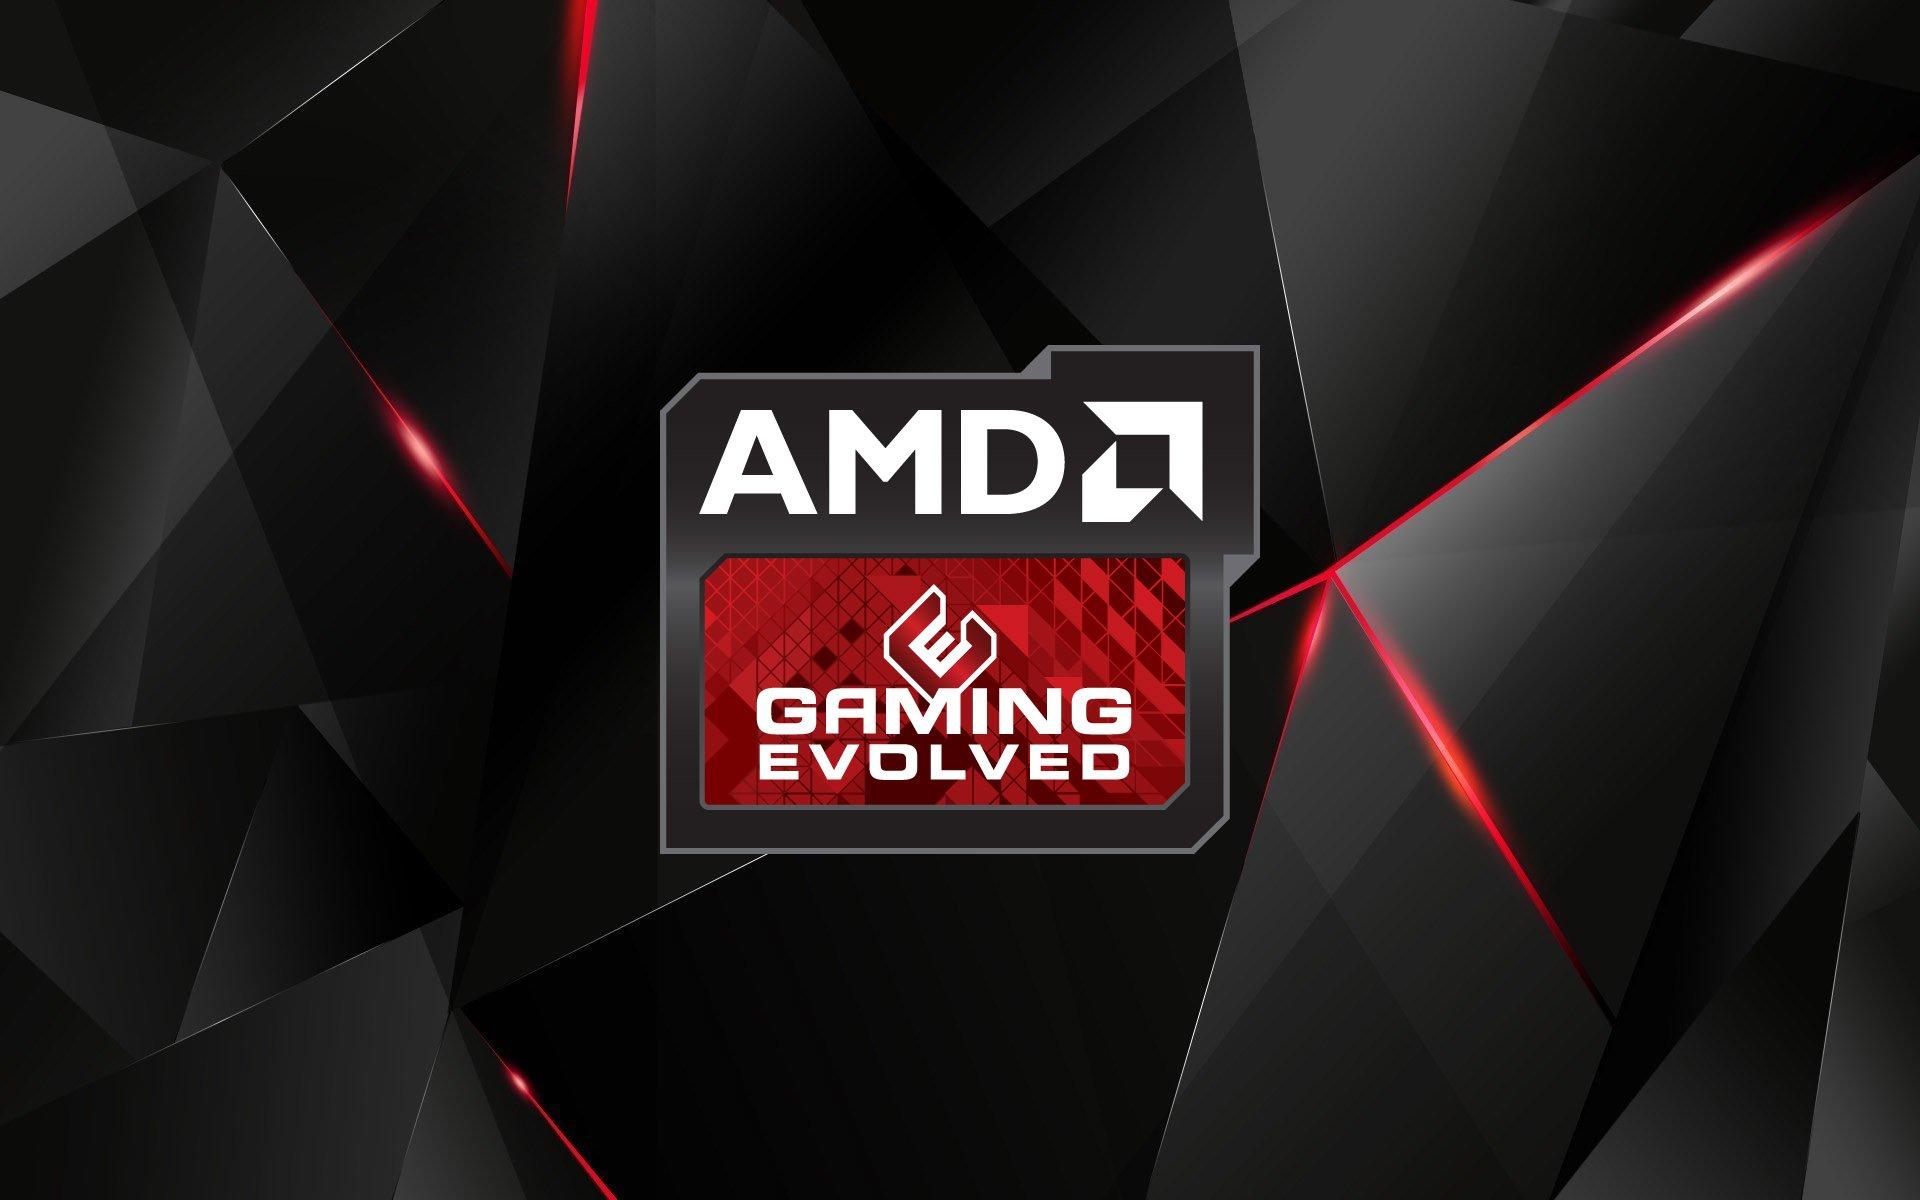 AMD'den Grafik Kartı Geliyor AMD AMD'den Grafik Kartı Geliyor AMD Gaming Evolved HD Logo Wallpaper